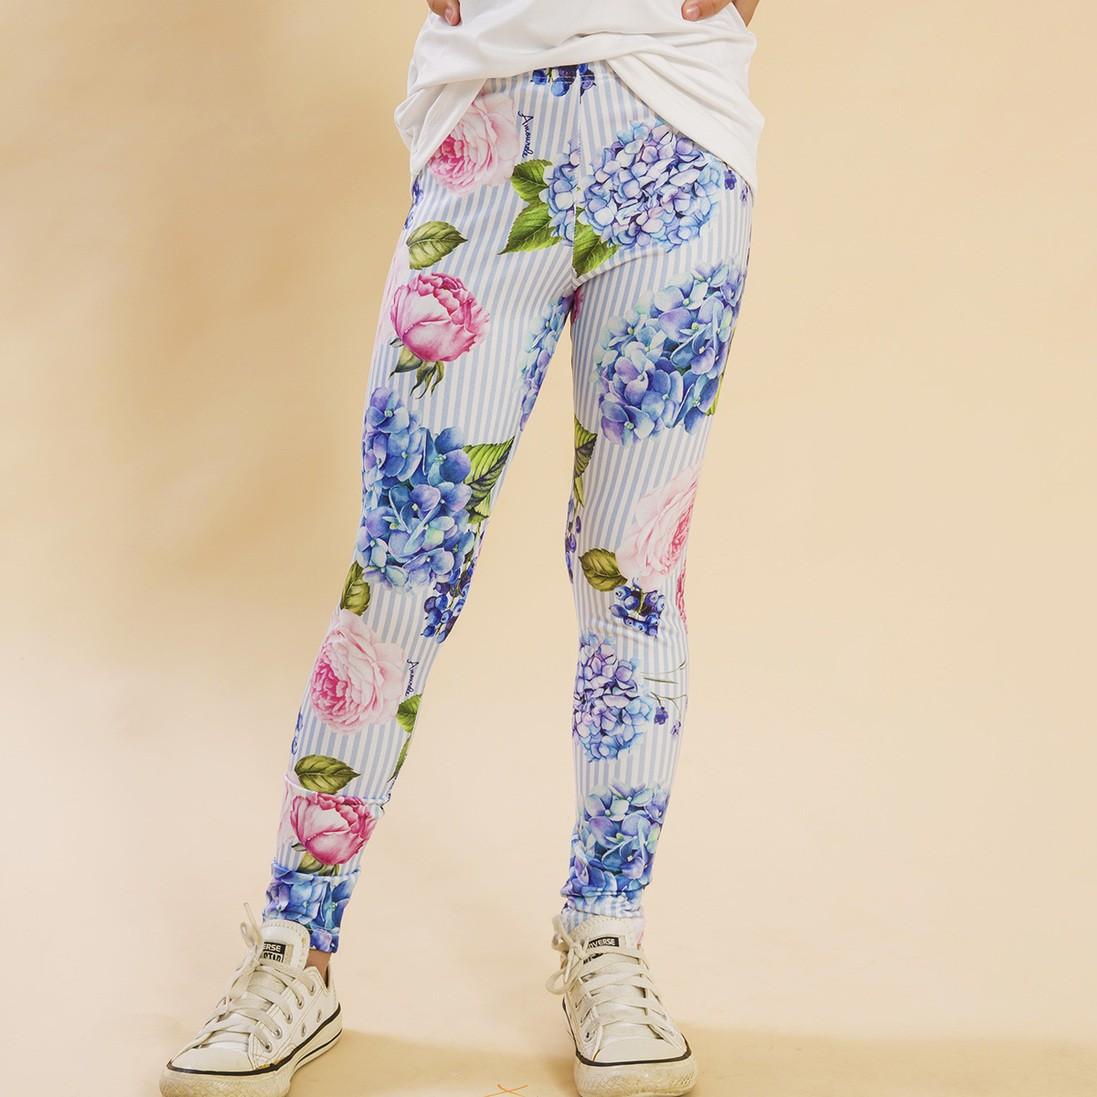 Legging Comprida Listras Azul Floral